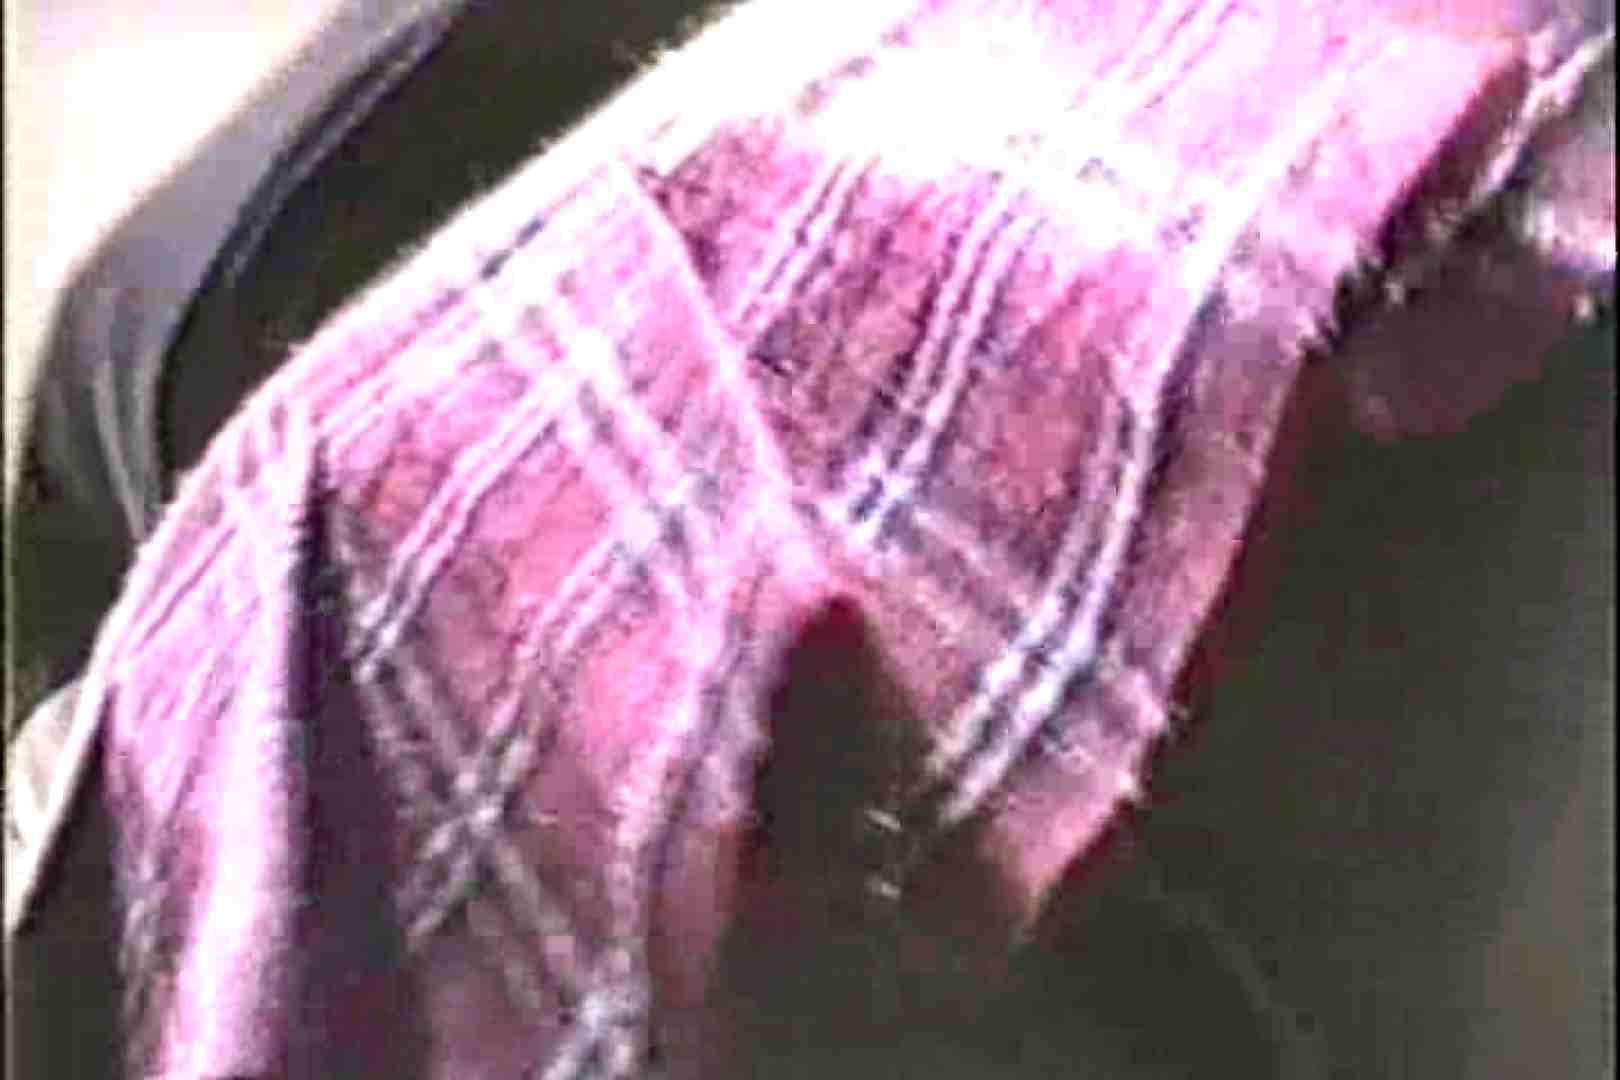 「ちくりん」さんのオリジナル未編集パンチラVol.5_02 OLセックス 盗撮セックス無修正動画無料 76画像 35